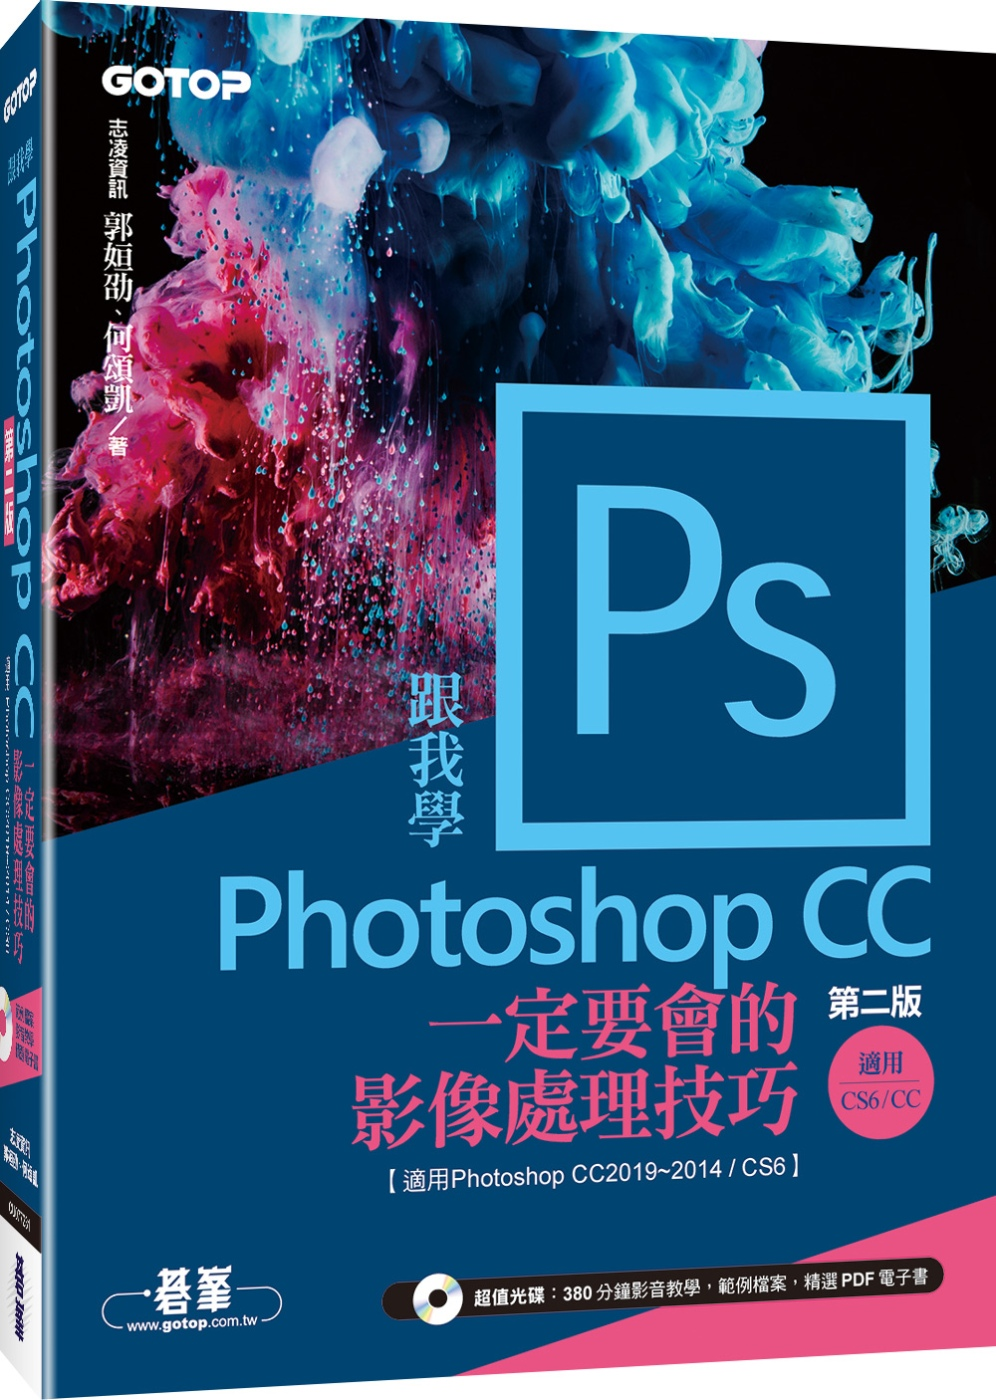 跟我學Photoshop CC...